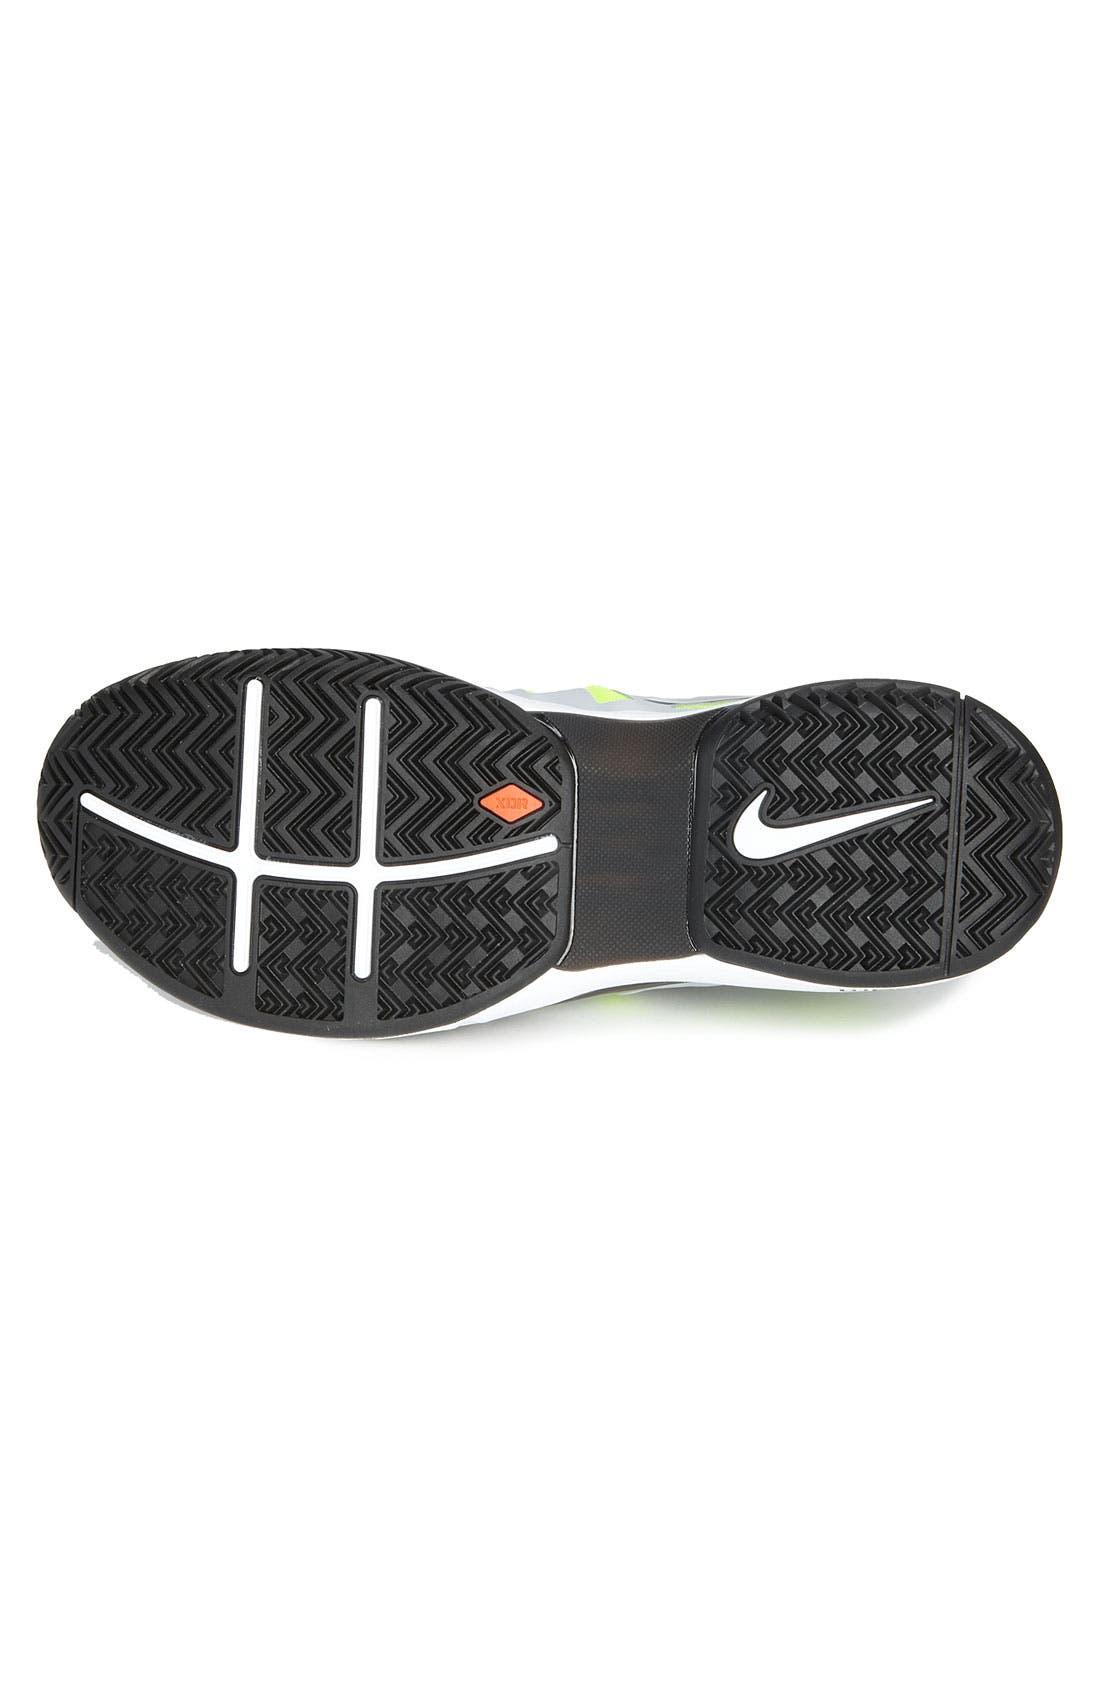 Alternate Image 4  - Nike 'Zoom Vapor 9 Tour' Tennis Shoe (Men)